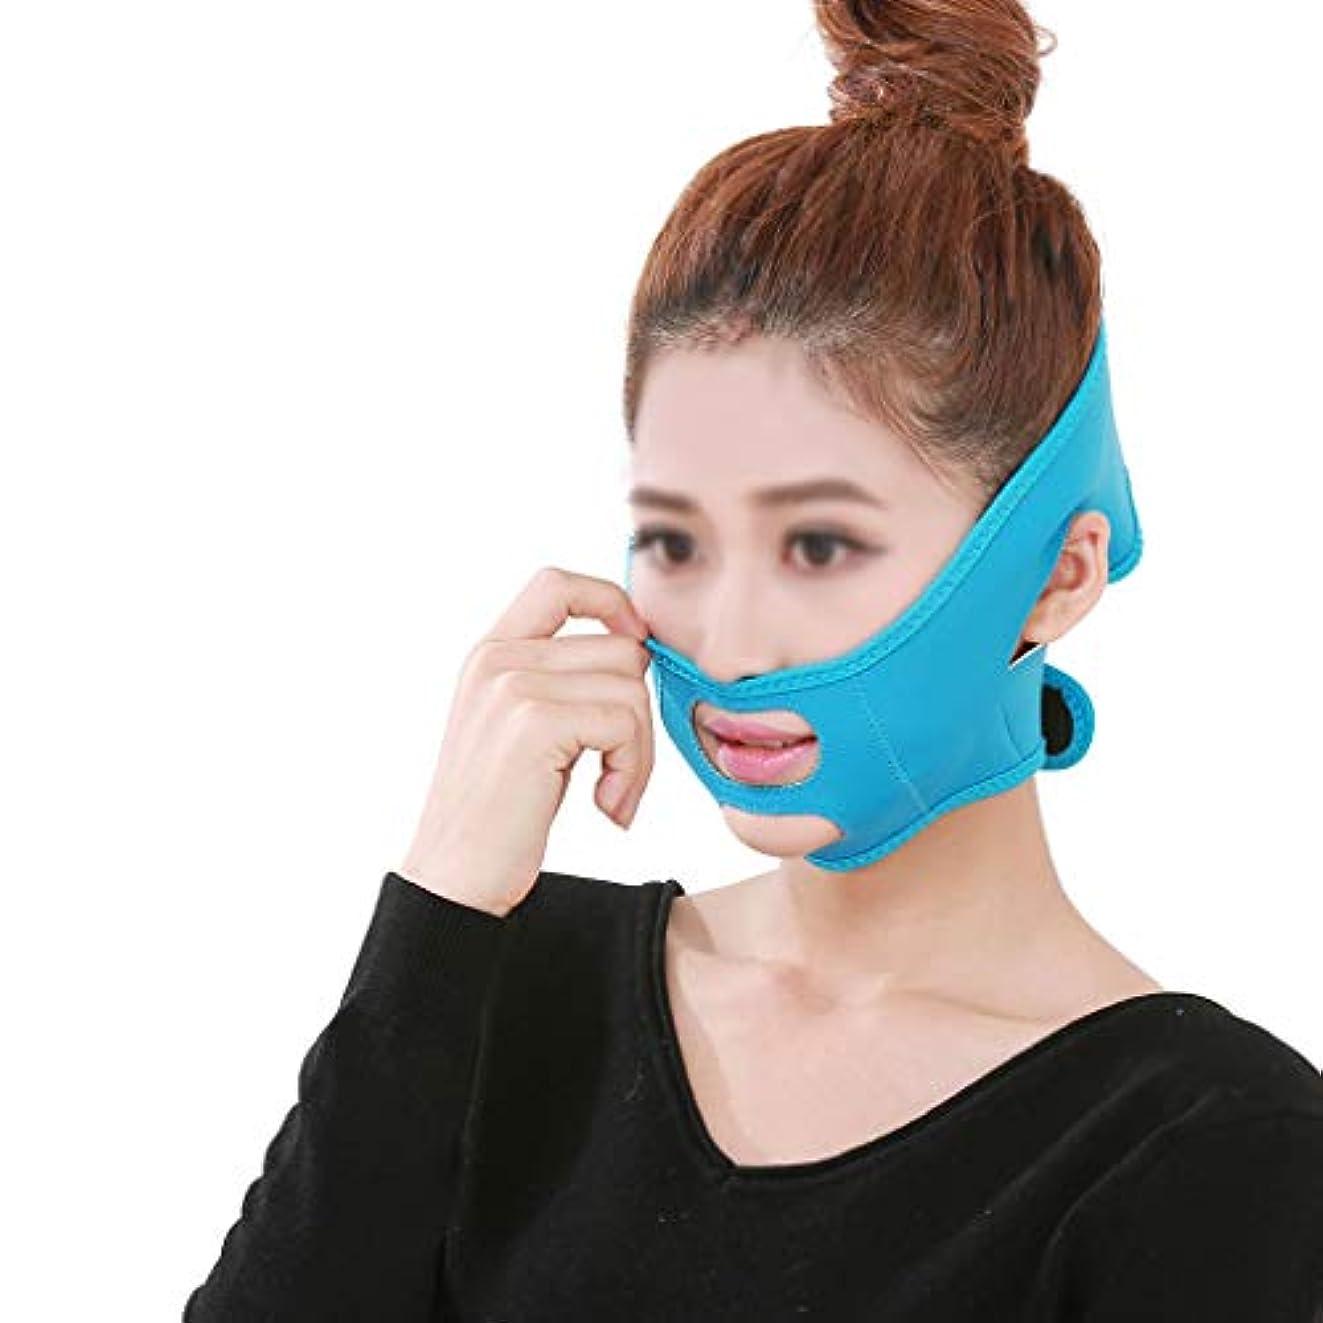 歴史コーデリア正確にGLJJQMY 顔の顔のマスク小さなV顔包帯薄い顔のアーティファクトは、二重顎リフト肌を減らす 顔用整形マスク